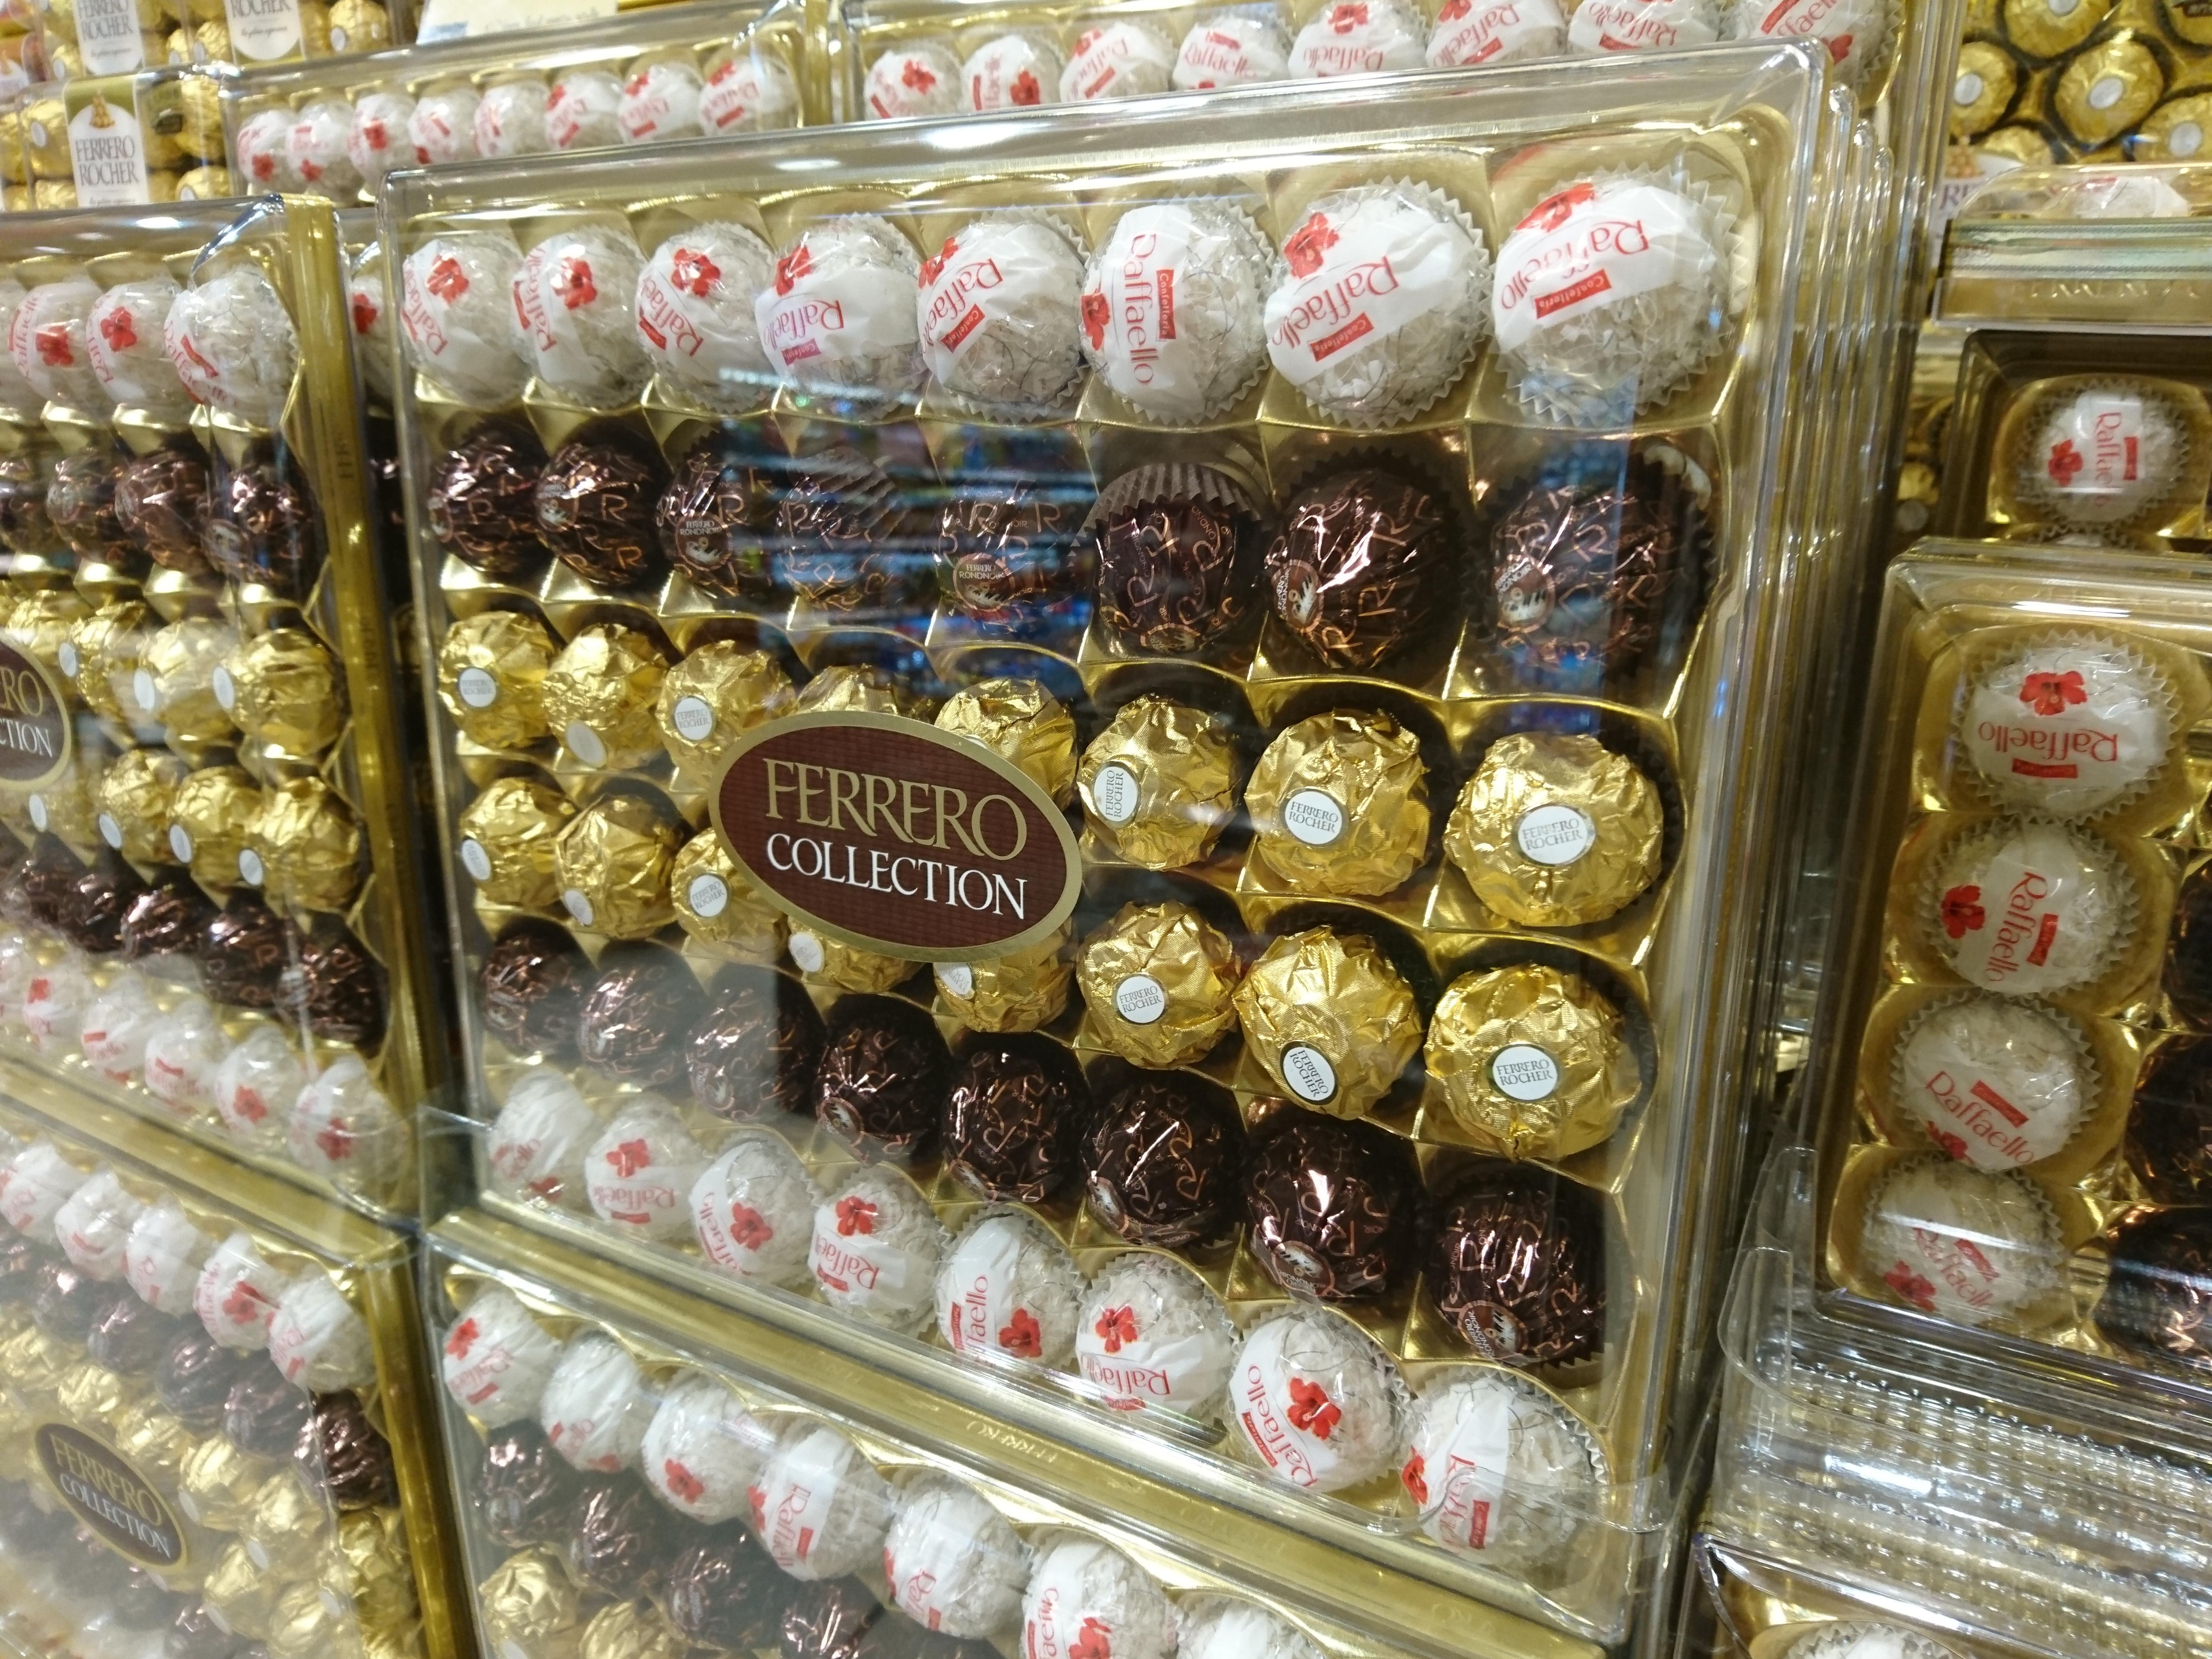 File:Ferrero Collection with Rocher, Rondnoir & Raffaello.JPG - Wikimedia Commons